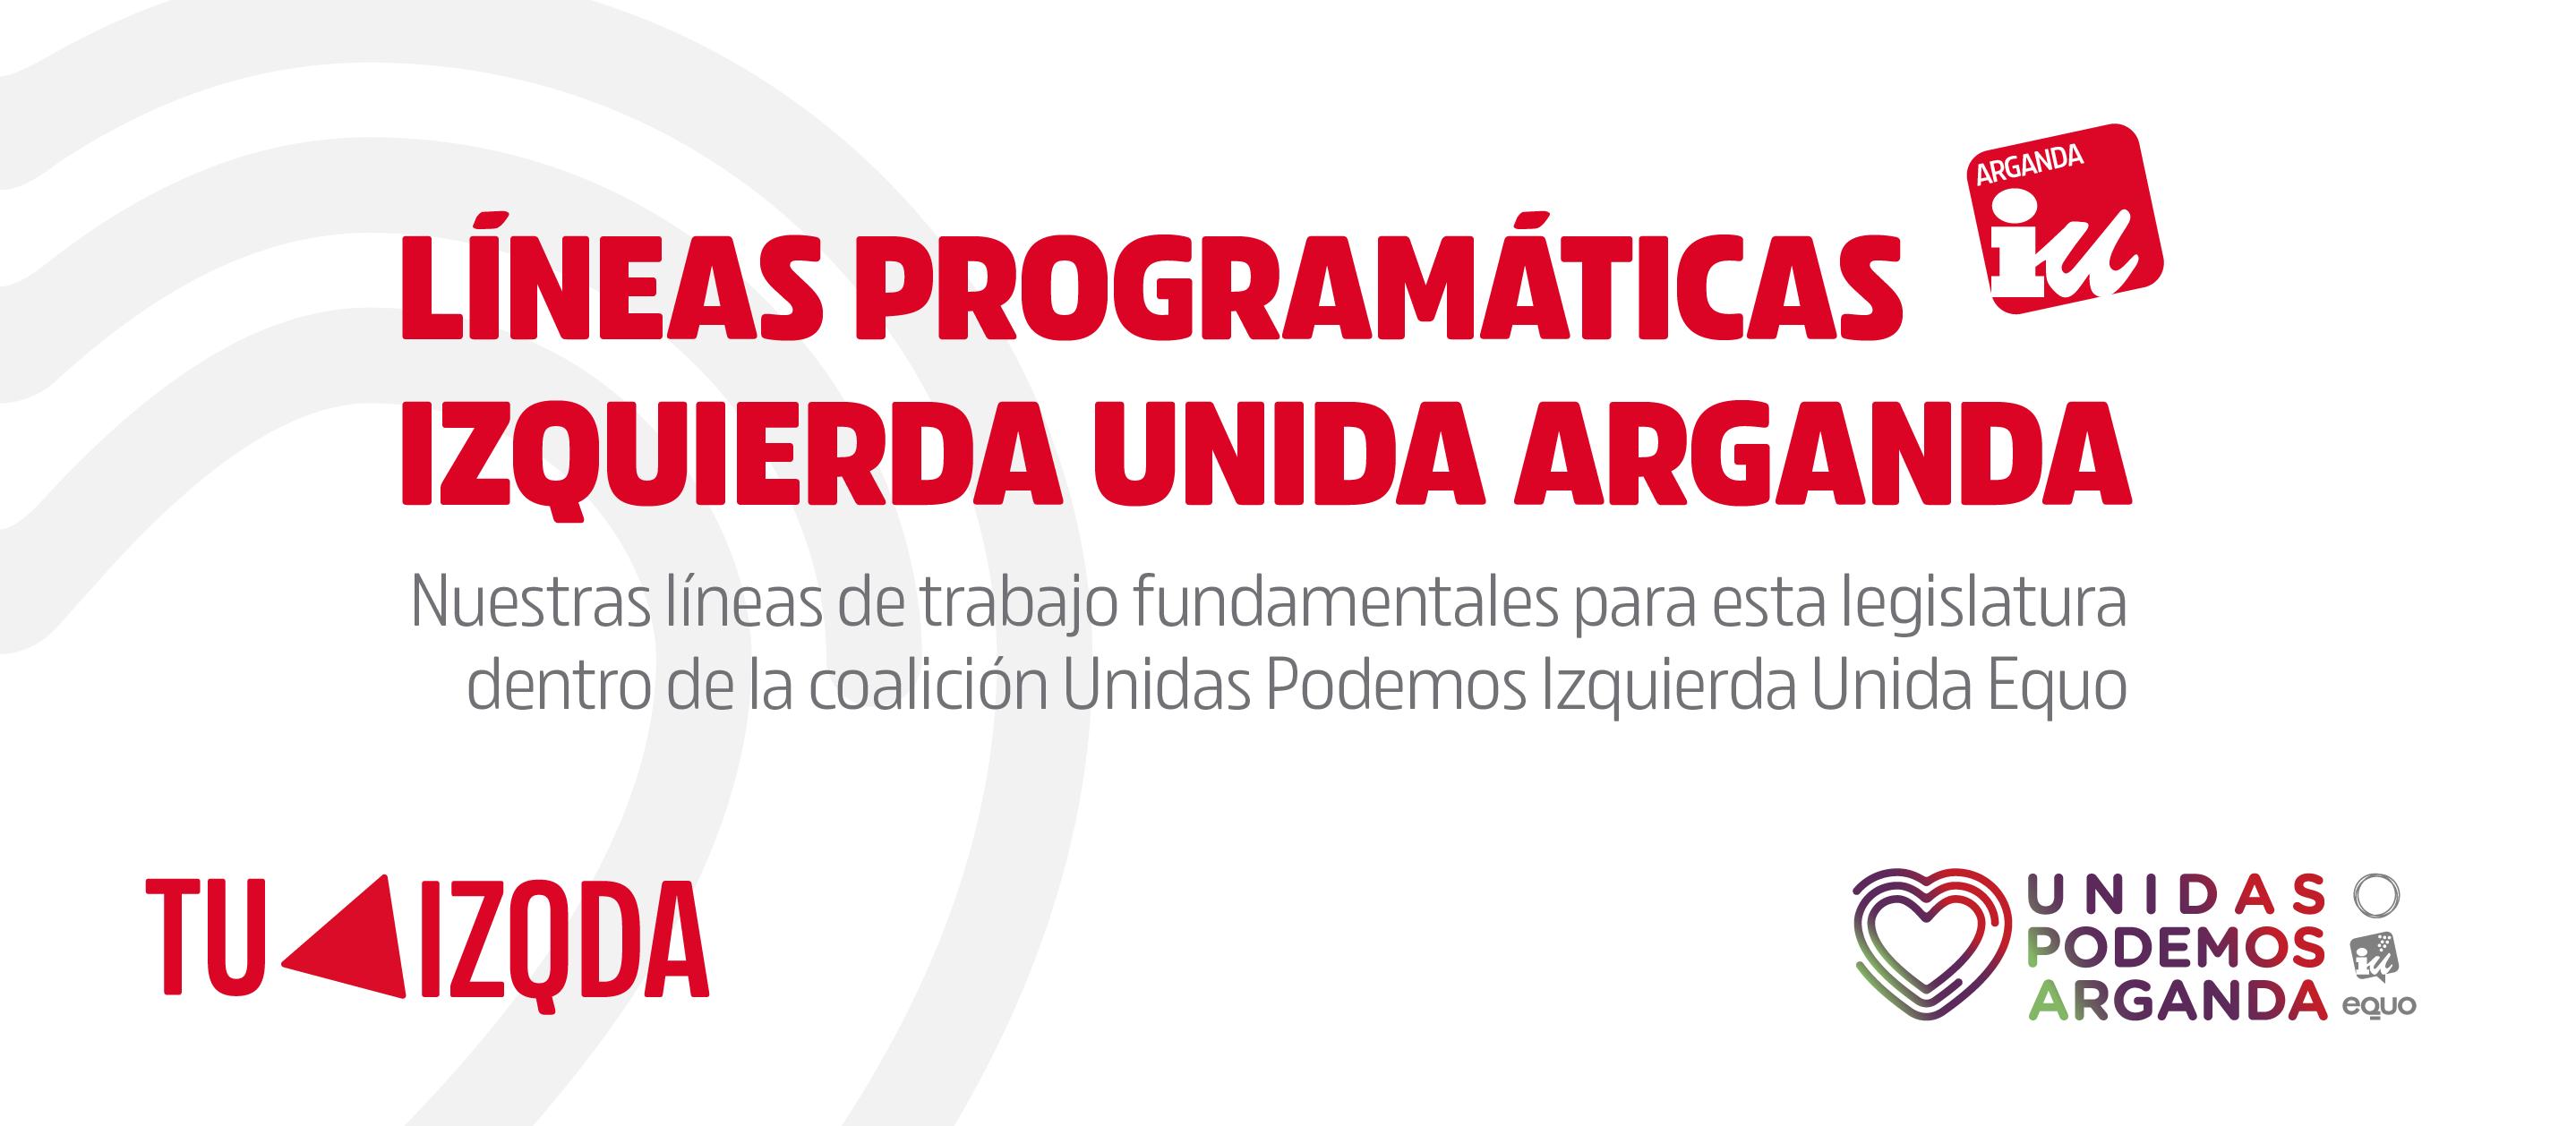 Programa Izquierda Unida Arganda en la confluencia Unidas Podemos Arganda